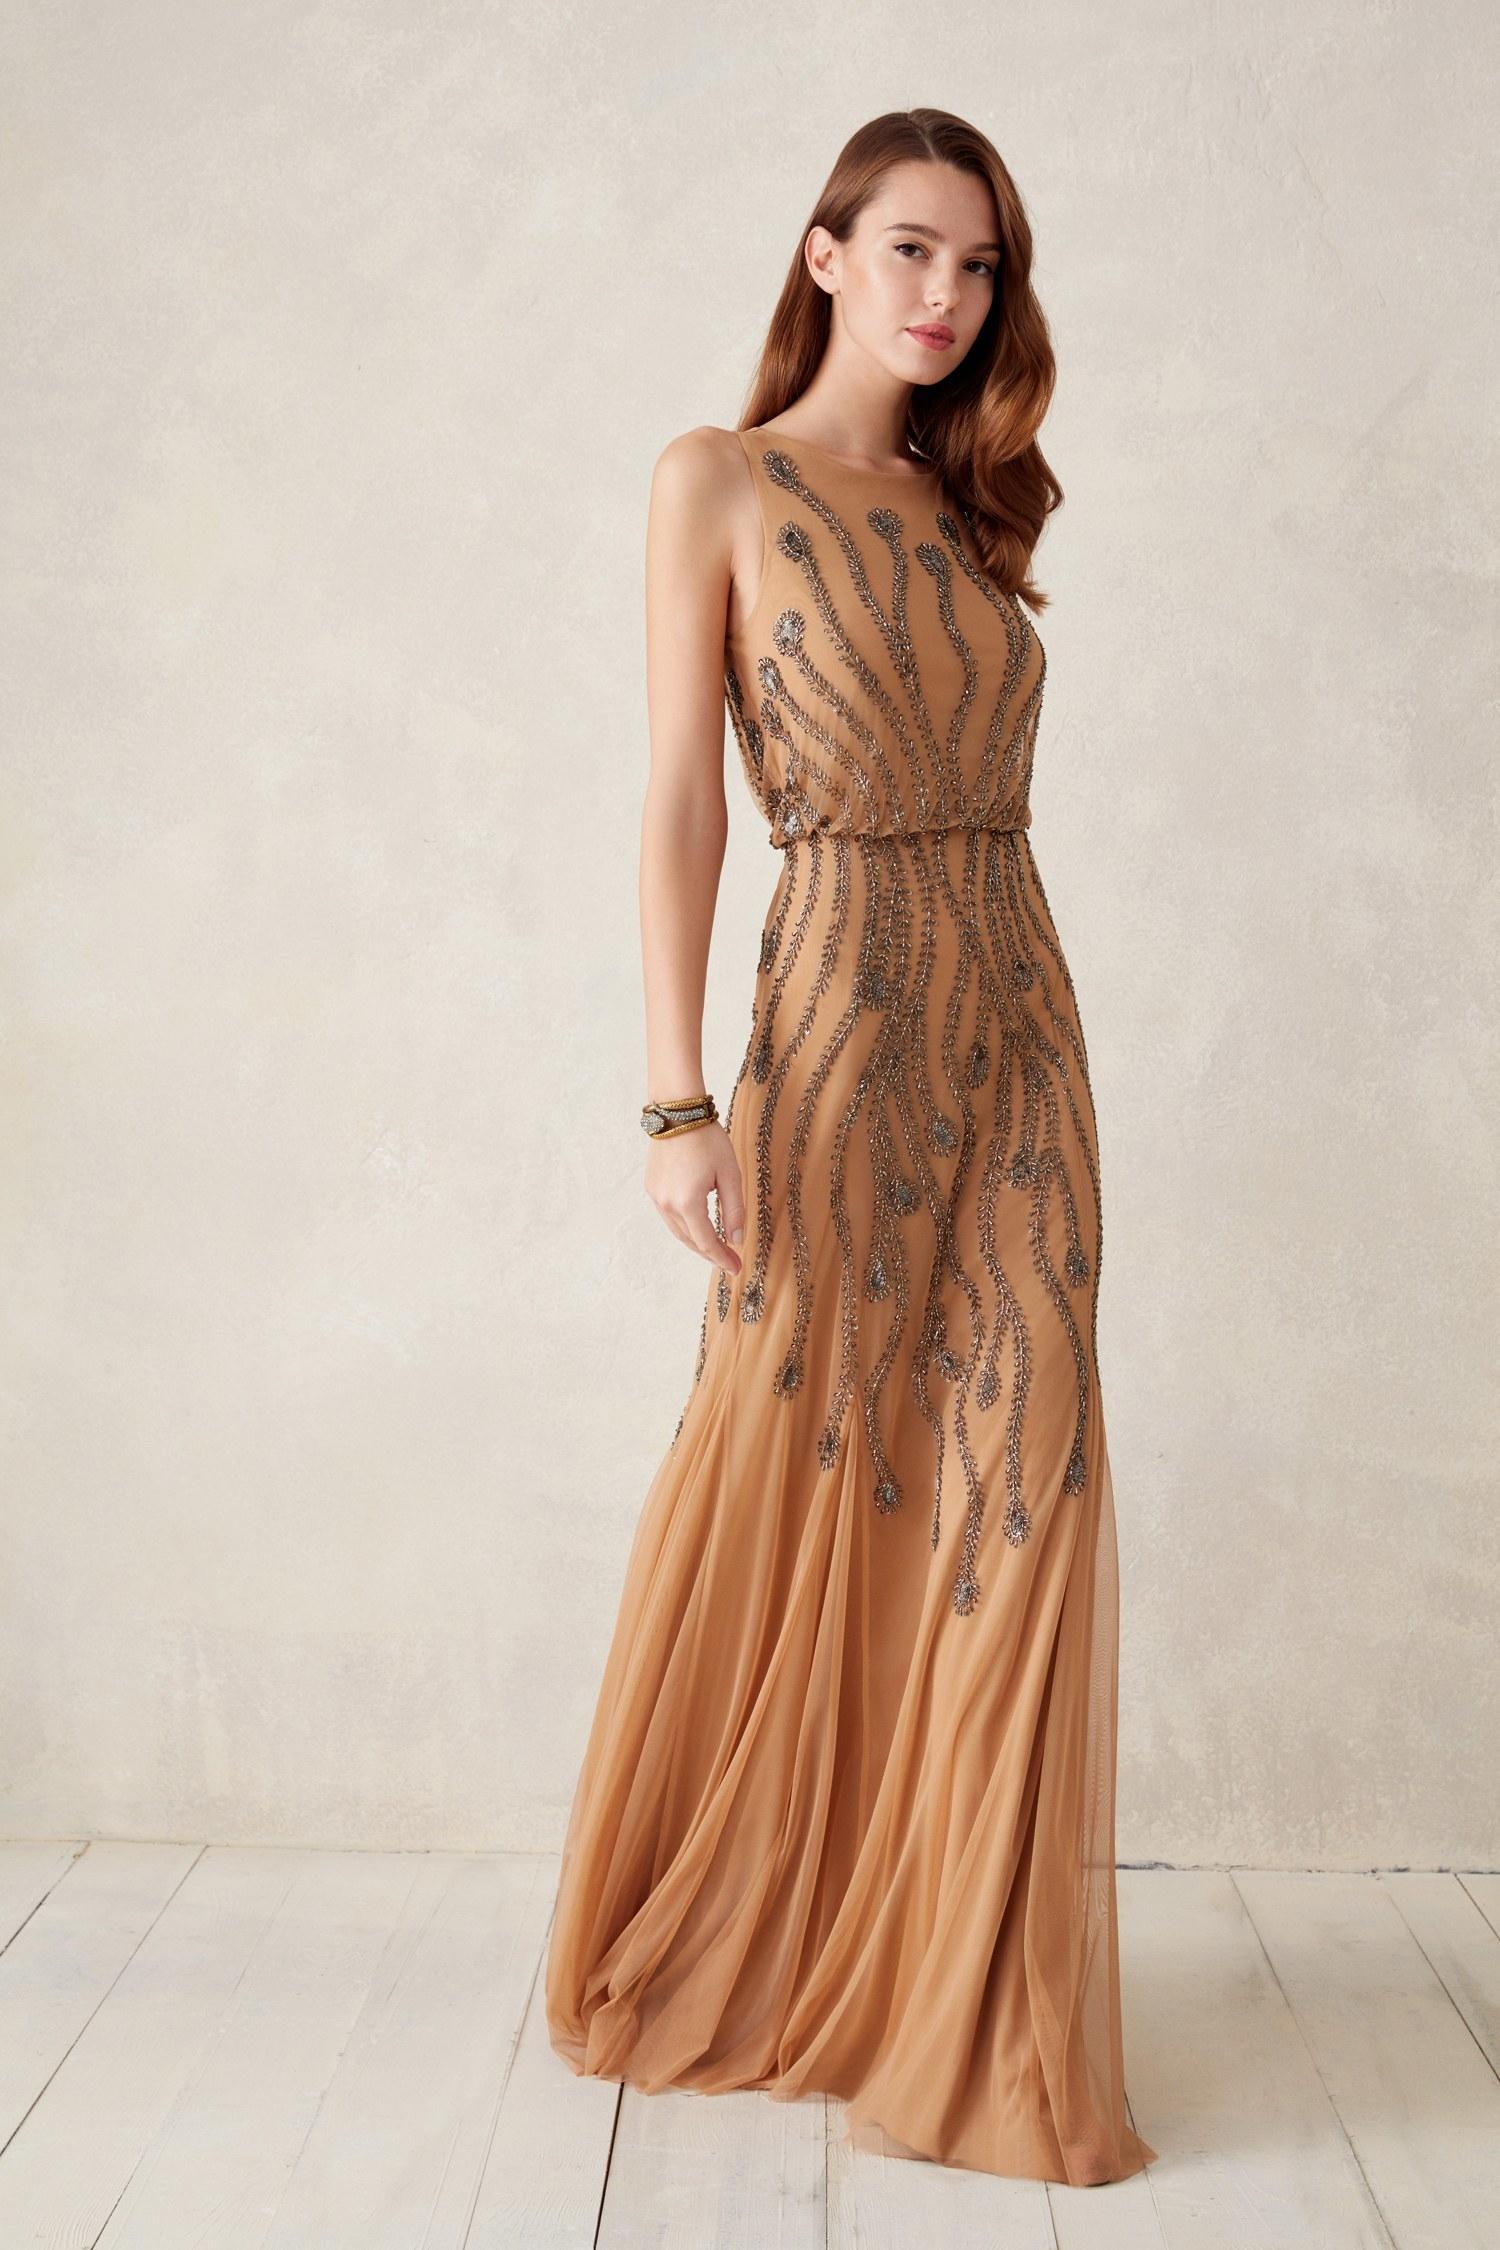 Viola Chan - Payet İşlemeli Abiye Elbise 4XLWGIN0010_Nude